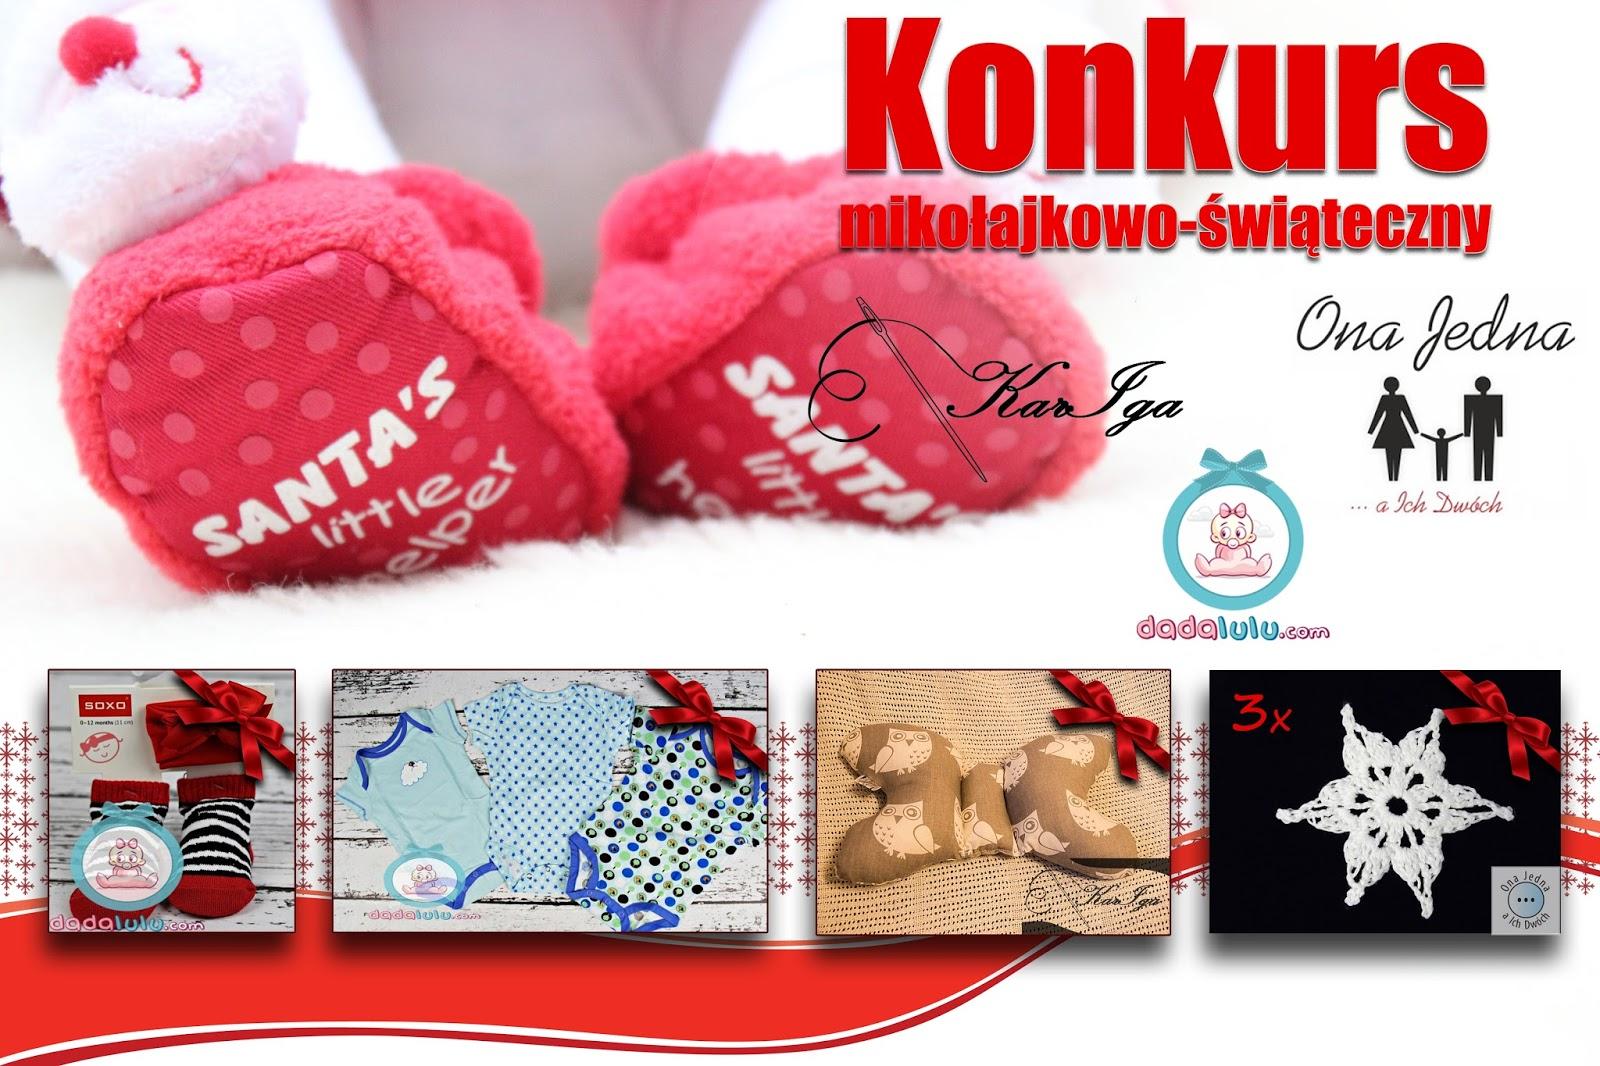 http://onajednaaichdwoch.blogspot.com/2014/12/konkurs-mikoajkowo-swiateczny.html